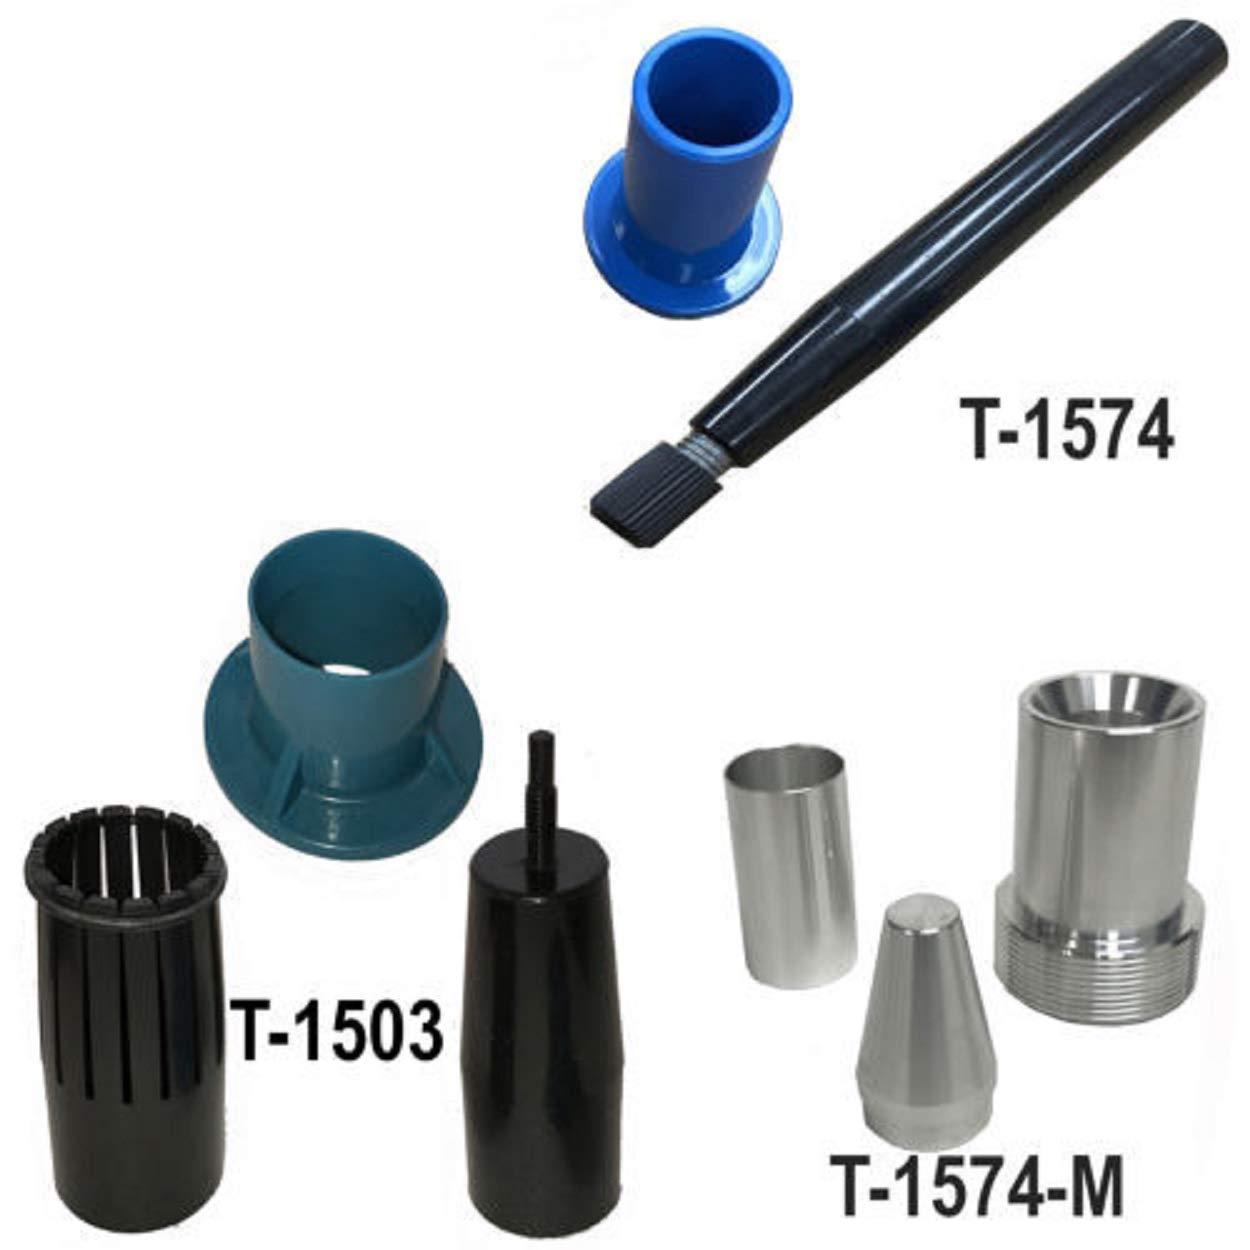 Grade A Tools T-1574, T-1574-GM, and T-1503 Resizer Kit Combo (4l60, 4l60e, 700-R4, 700R4 / 460L / 460LE, 4L70 / 4L75E)